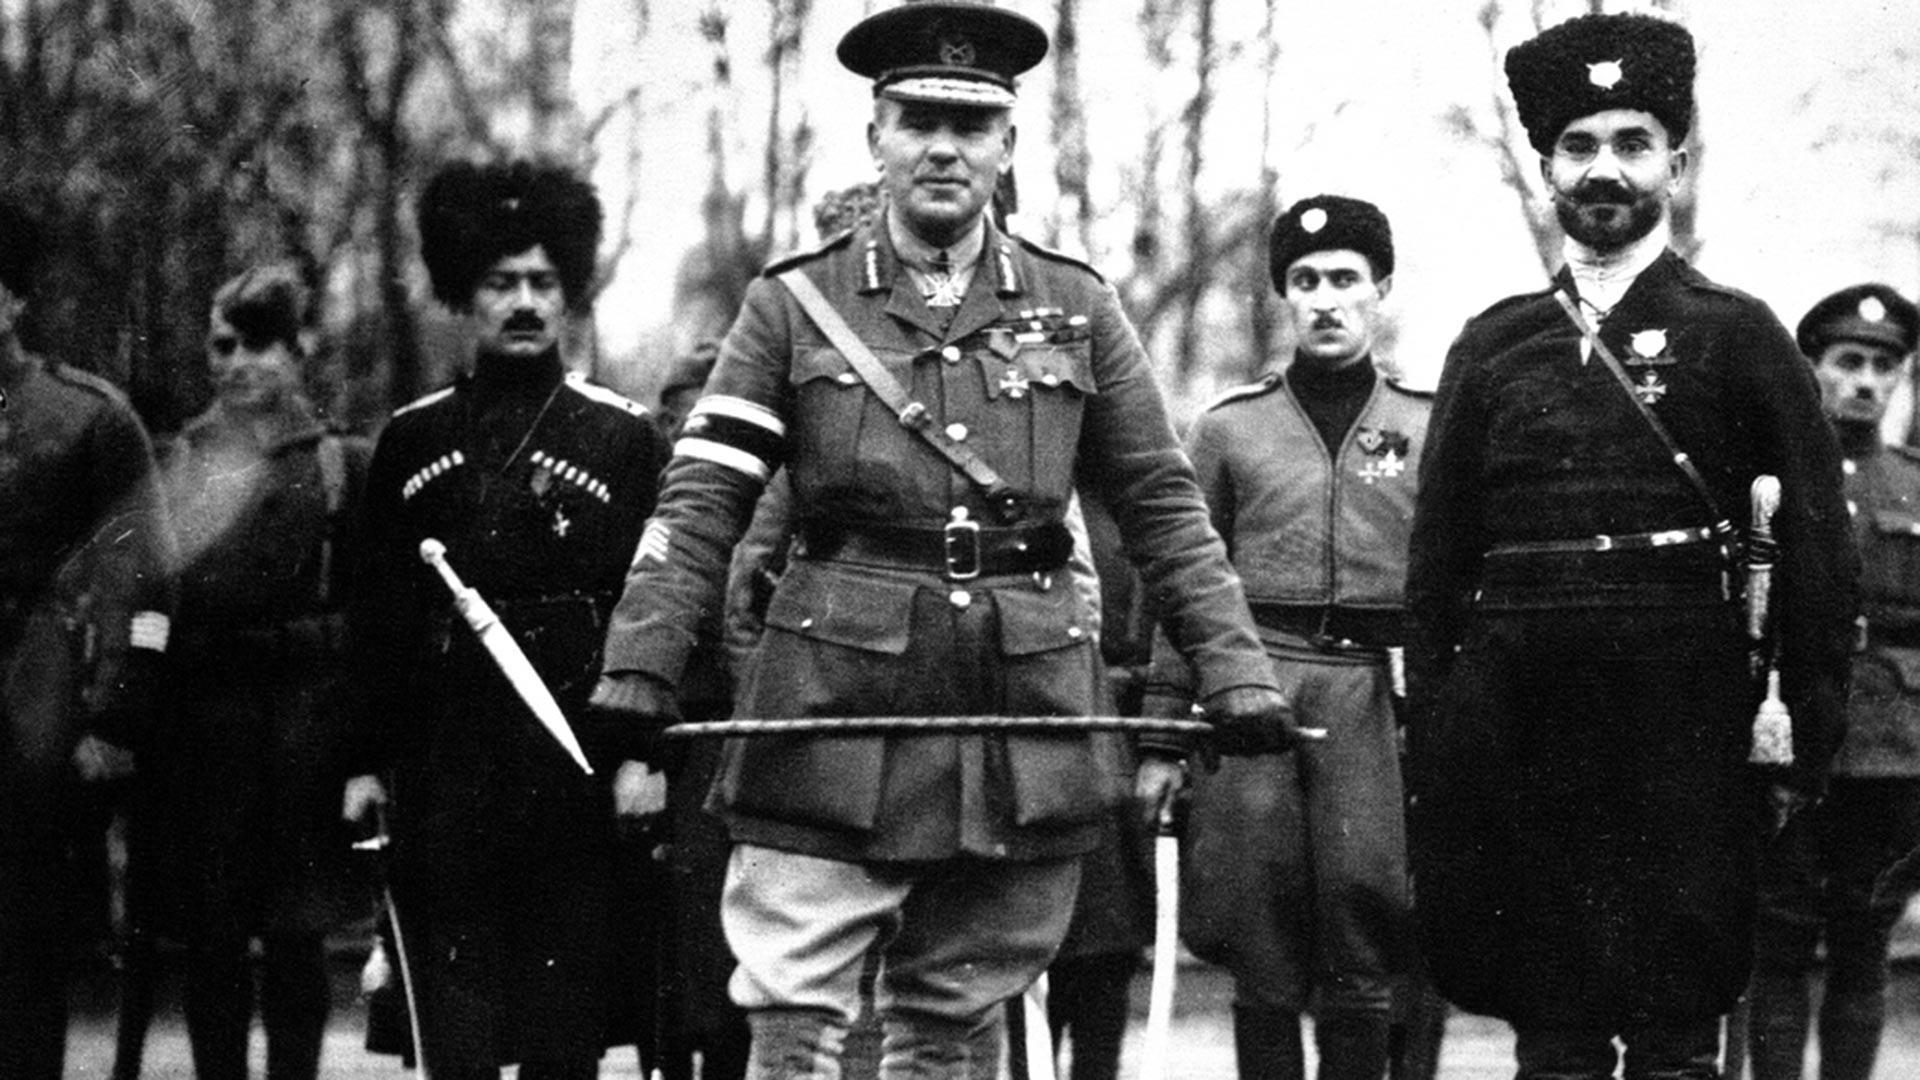 Britanski generalmajor Frederick Poole, ki je poveljeval zavezniškim silam v Arhangelsku do oktobra 1918 skupaj s kozaki. Kasneje je bil premeščen k belim silam na jug Rusije.